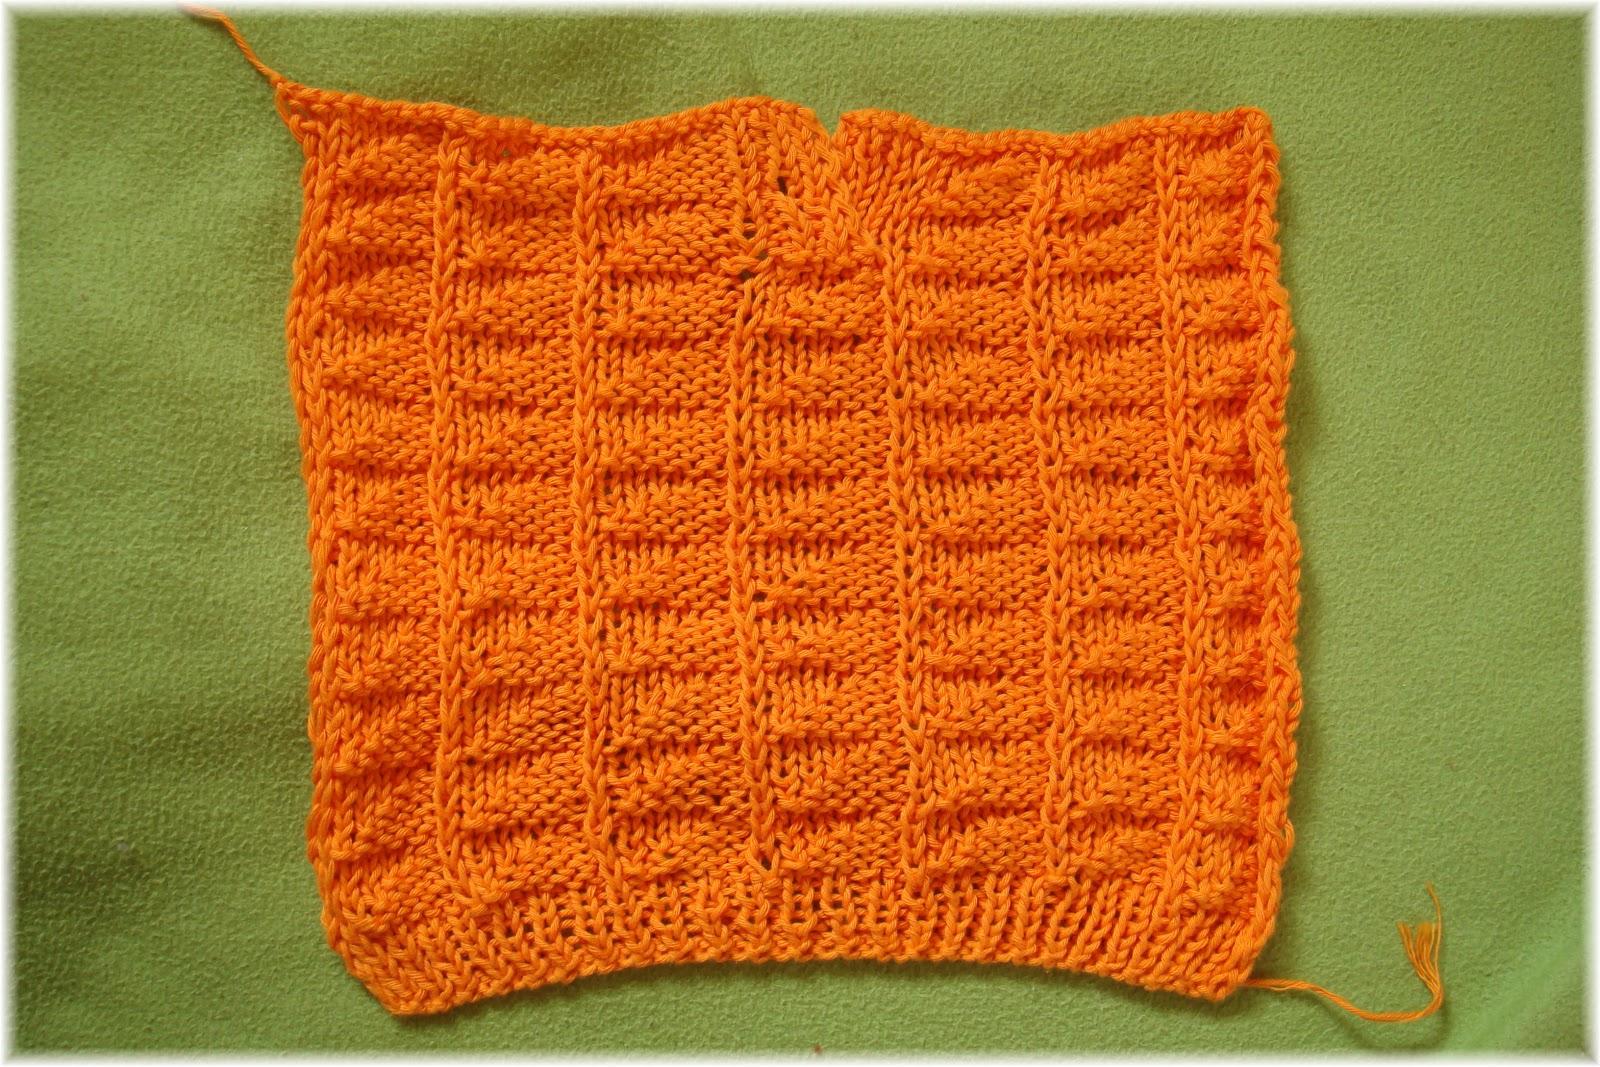 Sweterek Dla Dziecka Na Drutach Krok Po Kroku  White Polo Sweater -> Kuchnia Dla Dziecka Krok Po Kroku